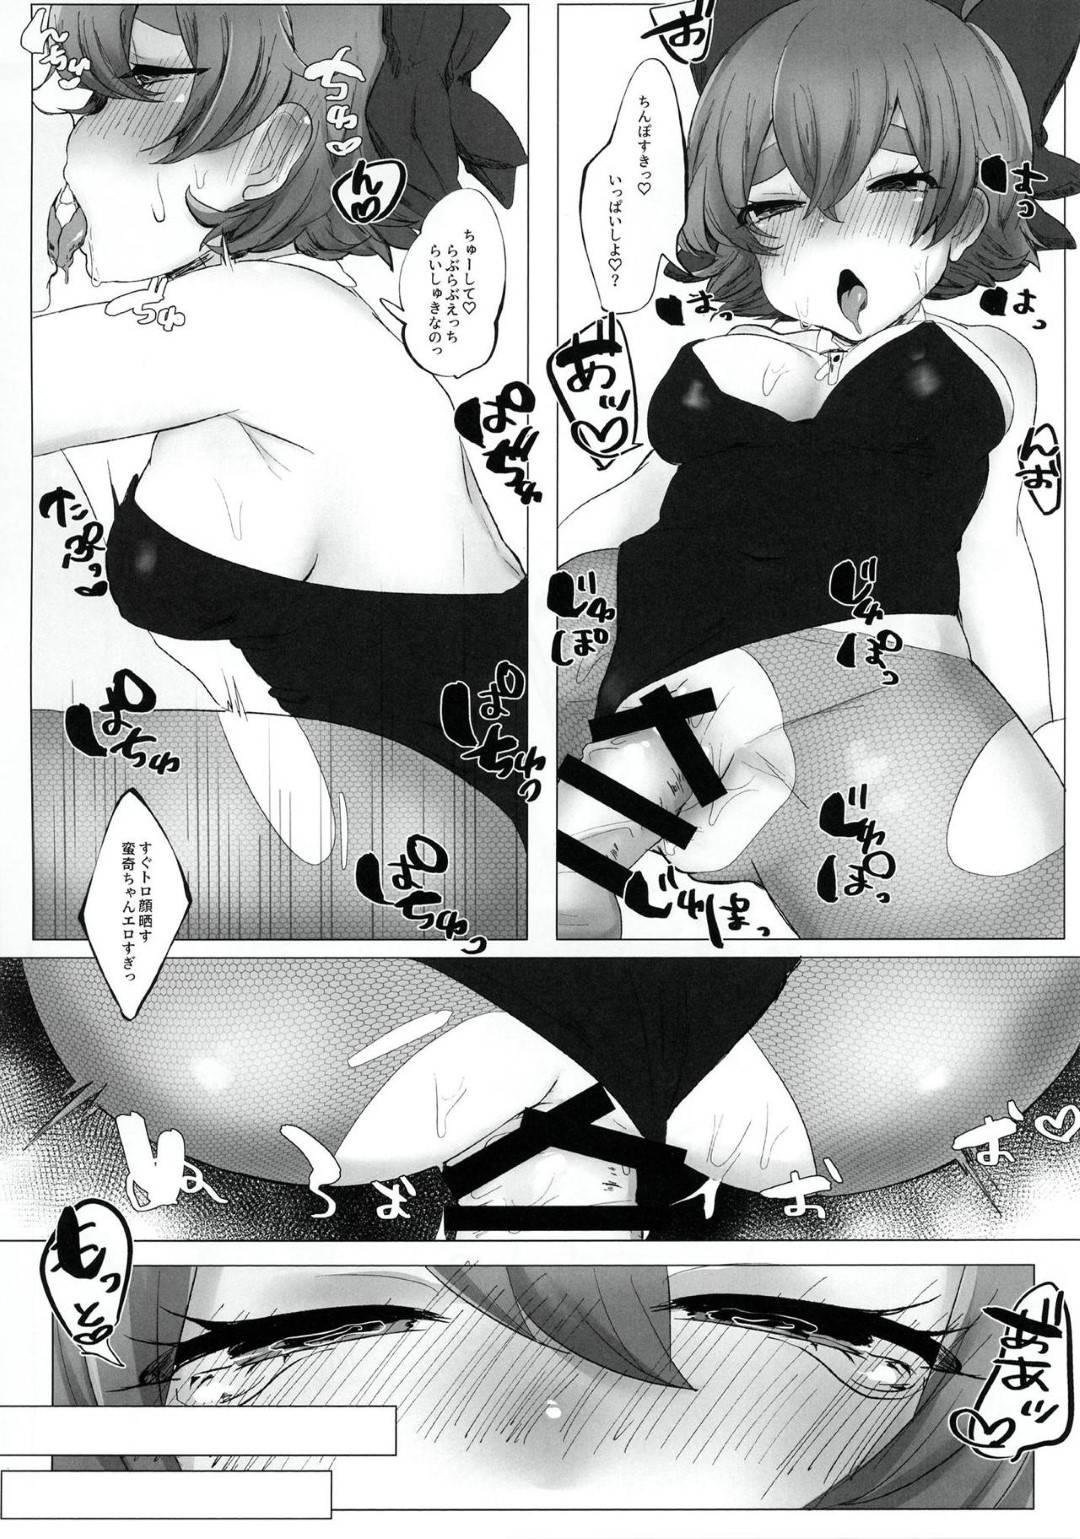 【エロ漫画】男に催眠をかけられて従順な恋人にさせられてしまった生意気妖怪娘。すっかり従順になった彼女は自ら尻を突き出して挿入をおねだりする淫乱雌豚へと変貌する!